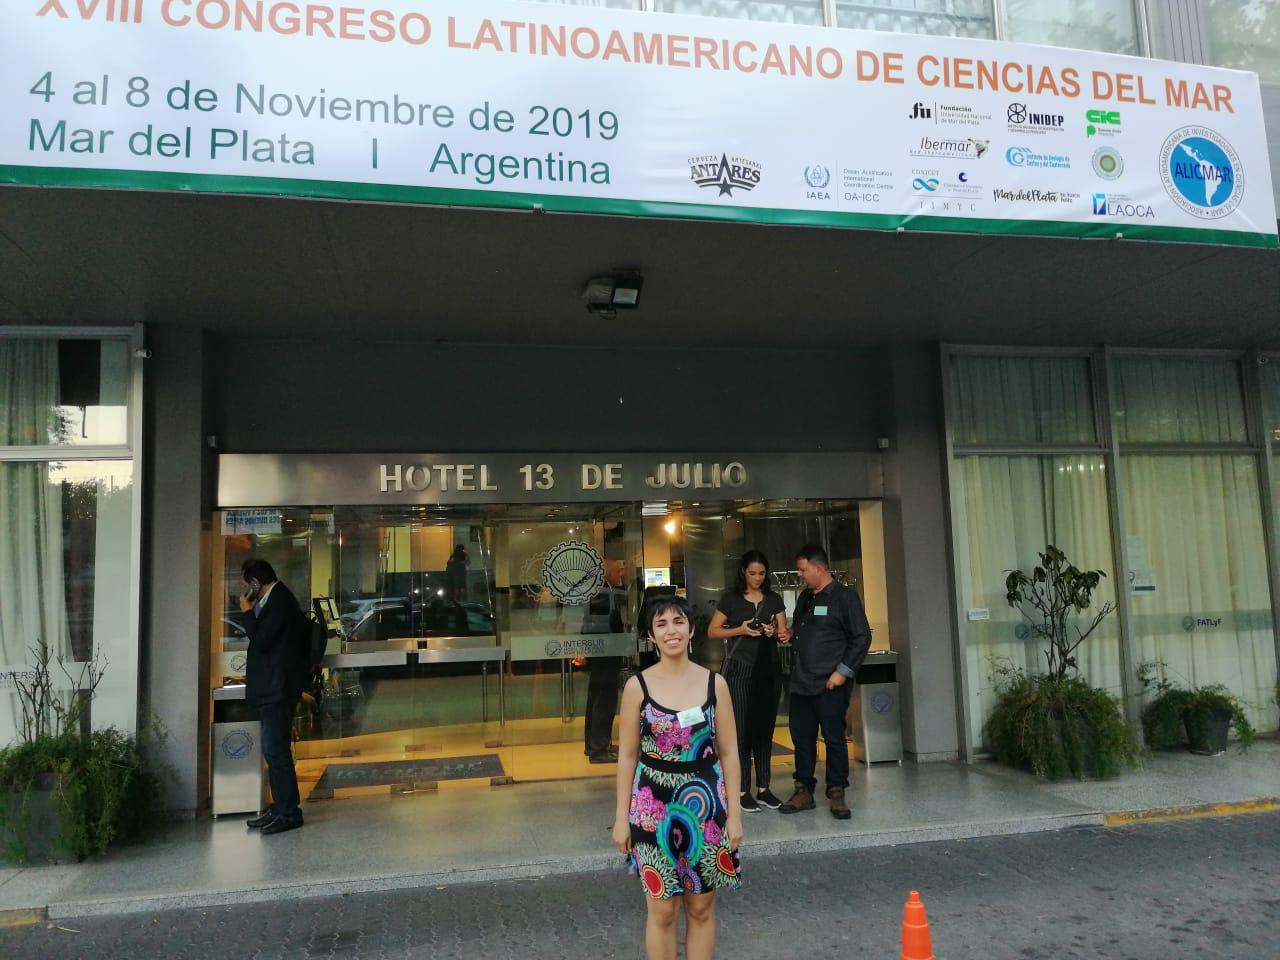 Integrante de la RP4 destacó en Congreso Latinoamericano  de Ciencias del Mar